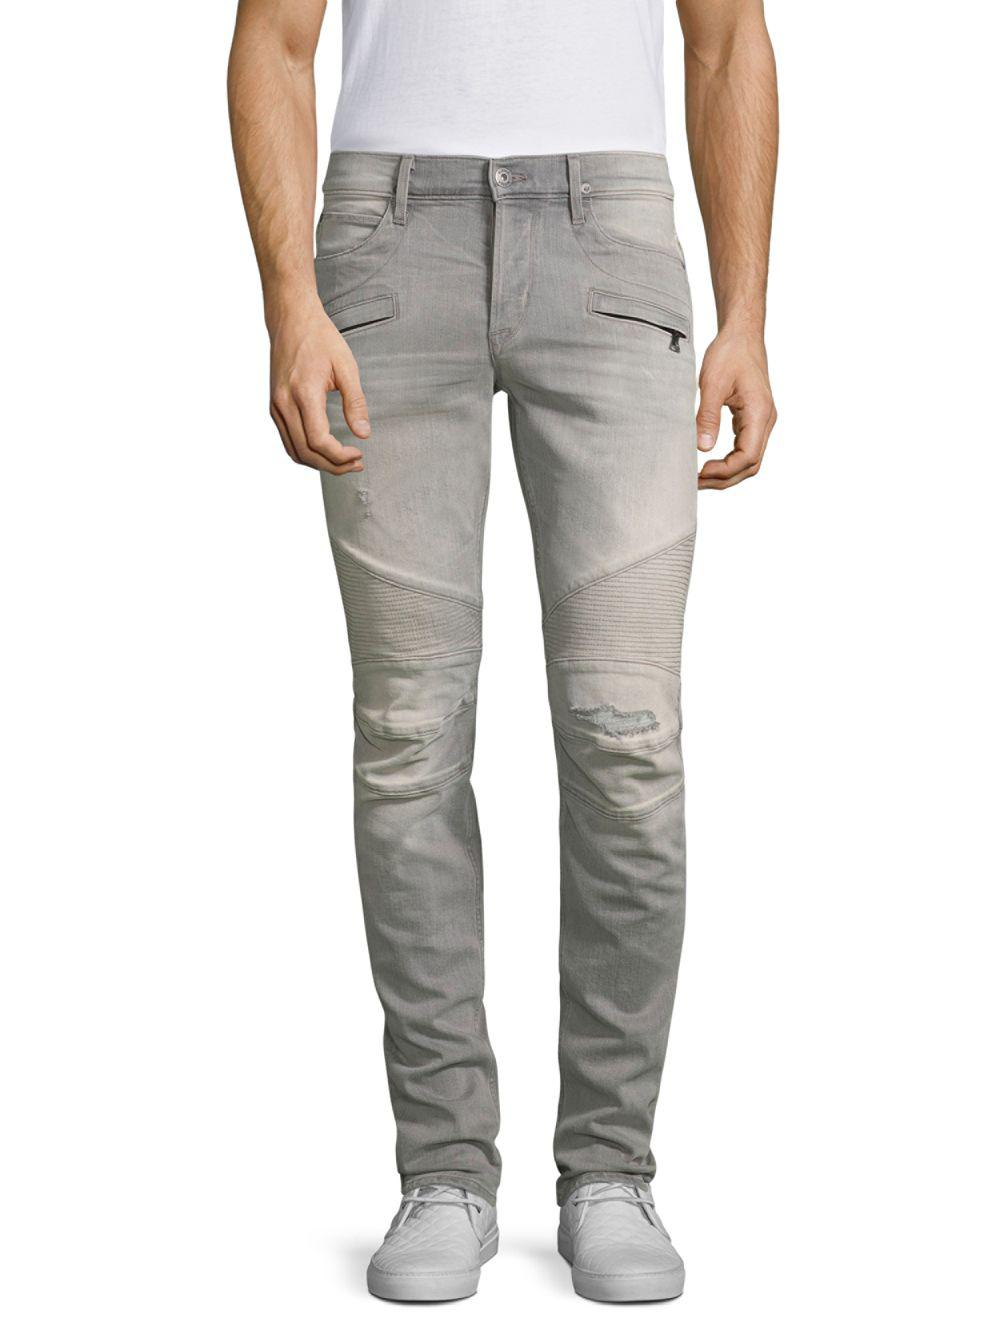 173dfaeae85 Hudson Jeans Blinder Biker Skinny Jeans in Gray for Men - Lyst